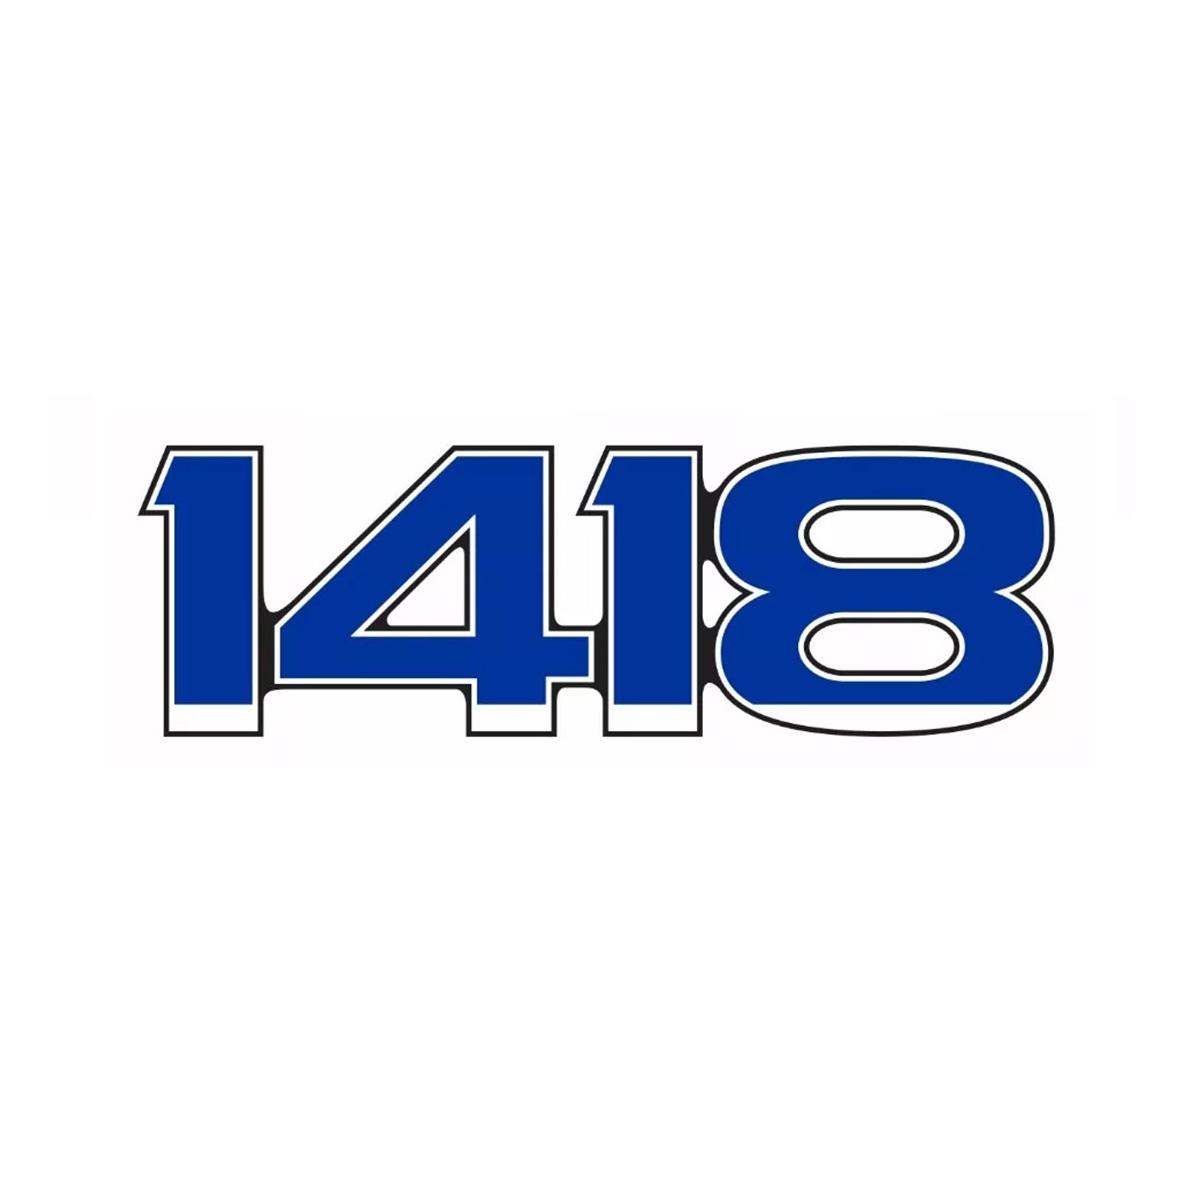 Emblema Ford Cargo 1418